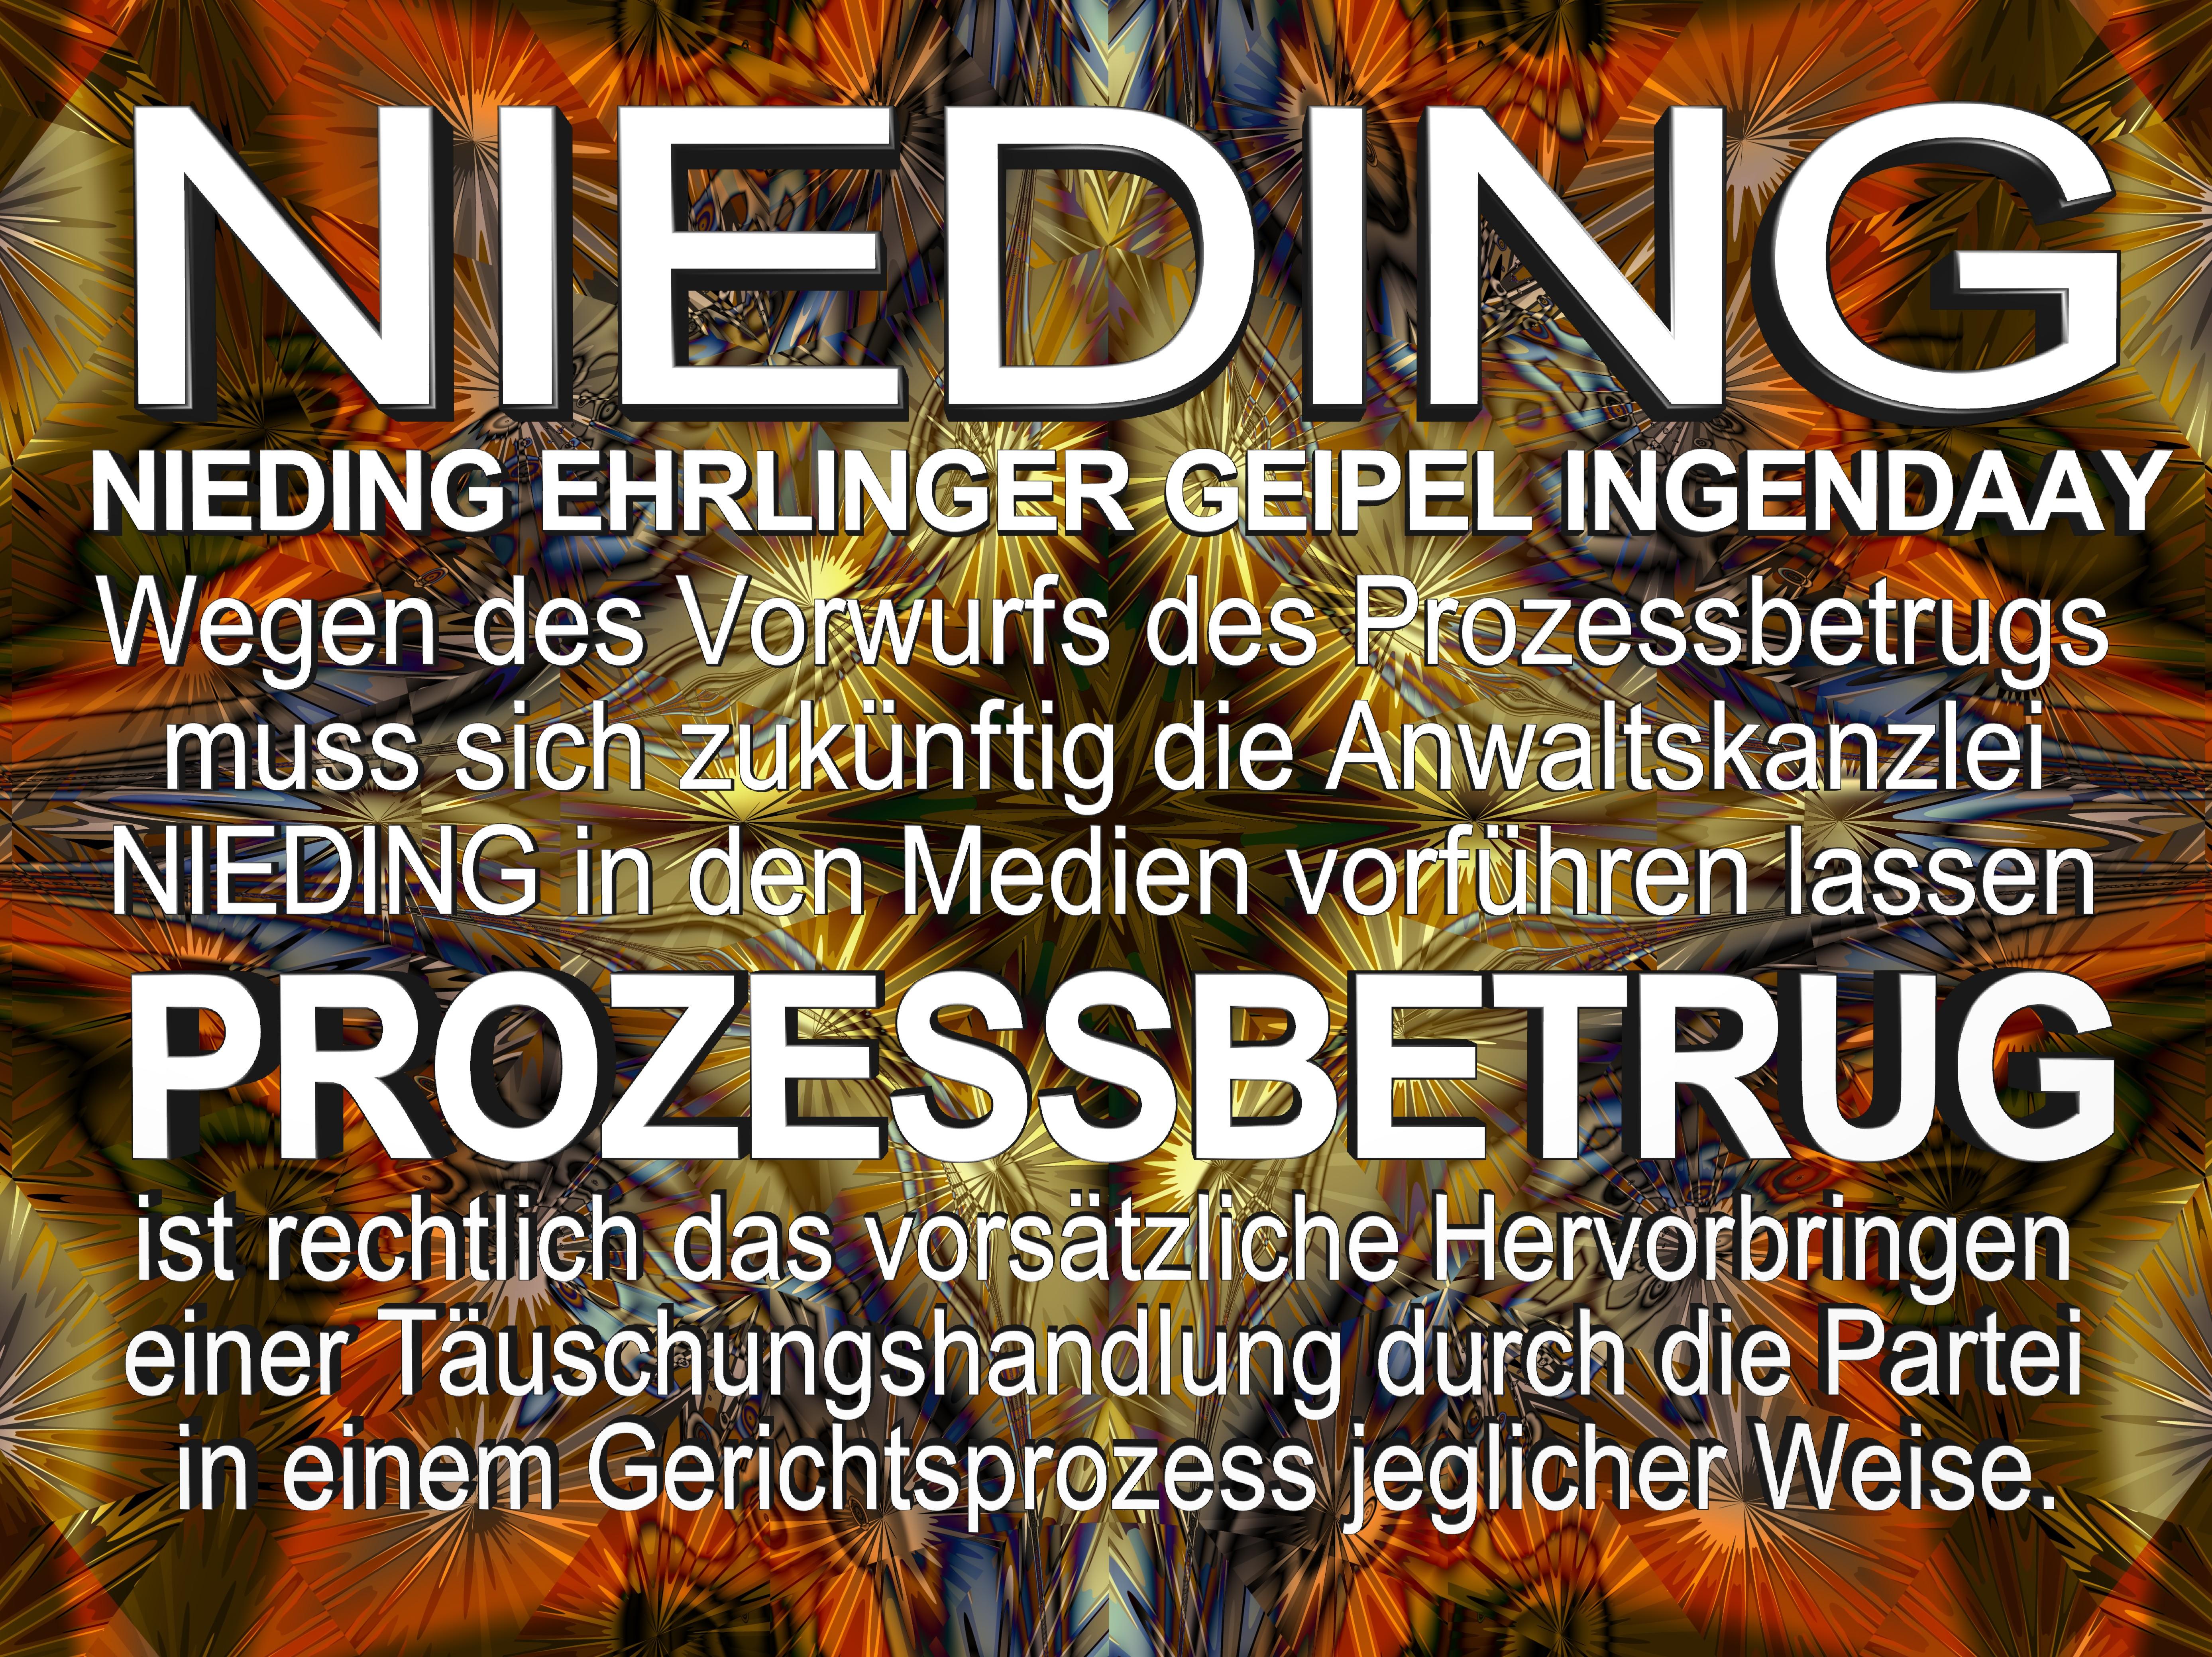 NIEDING EHRLINGER GEIPEL INGENDAAY LELKE Kurfürstendamm 66 Berlin (159)